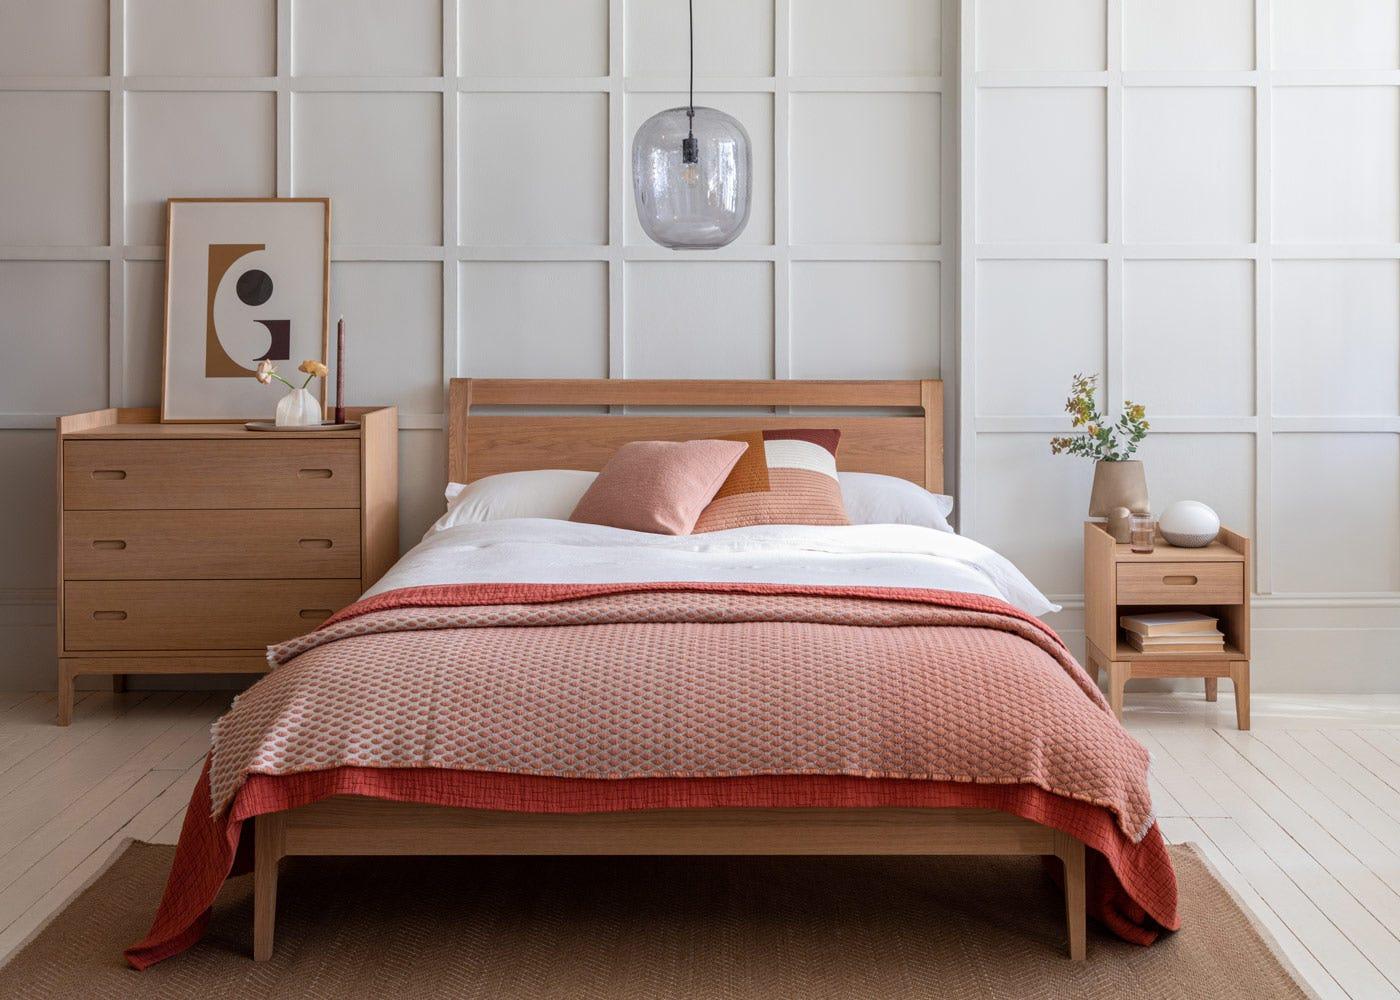 Morten bed with oak headboard